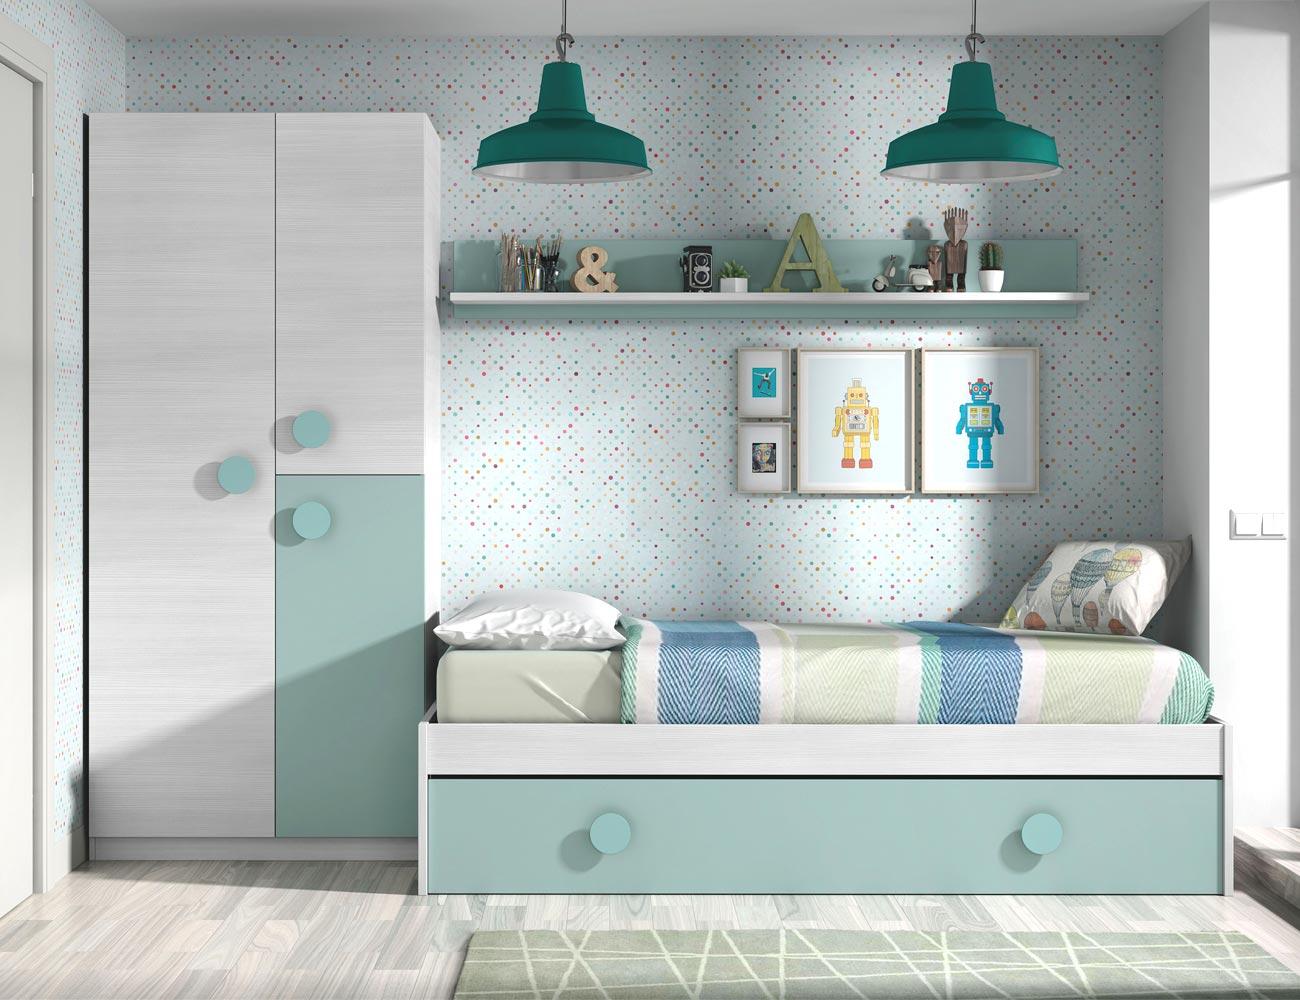 Dormitorio juvenil cama nido armario 11